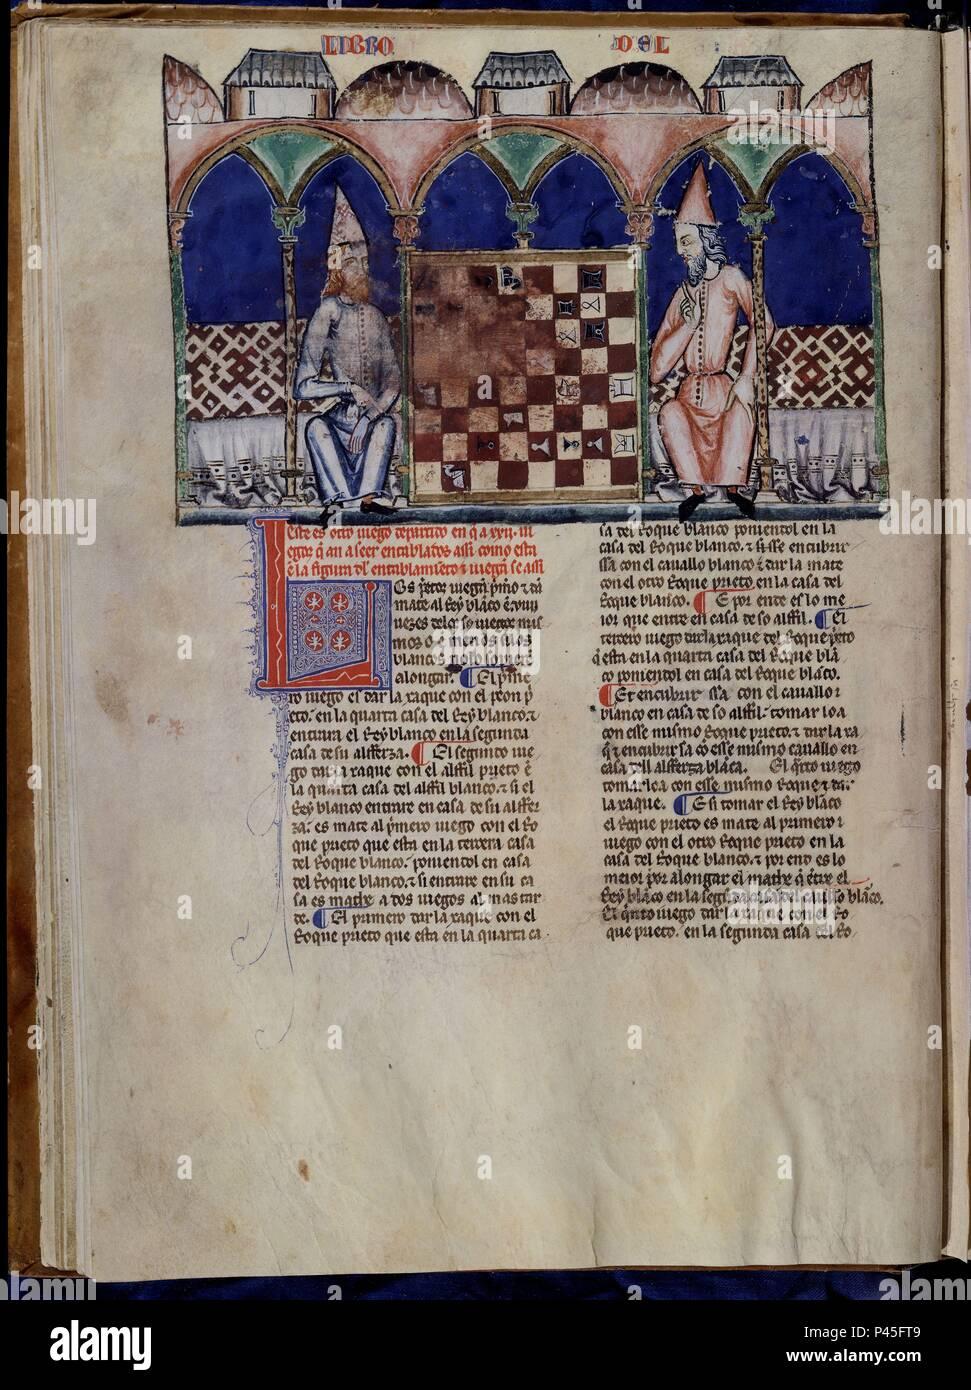 LIBRO DE JUEGOS O LIBRO DEL AJEDREZ DADOS Y TABLAS - 1283 - FOLIO 13V - DOS HOMBRES JUGANDO AL AJEDREZ - MANUSCRITO GOTICO. Author: Alfonso X of Castile the Wise (1221-1284). Location: MONASTERIO-BIBLIOTECA-COLECCION, SAN LORENZO DEL ESCORIAL, MADRID, SPAIN. - Stock Image